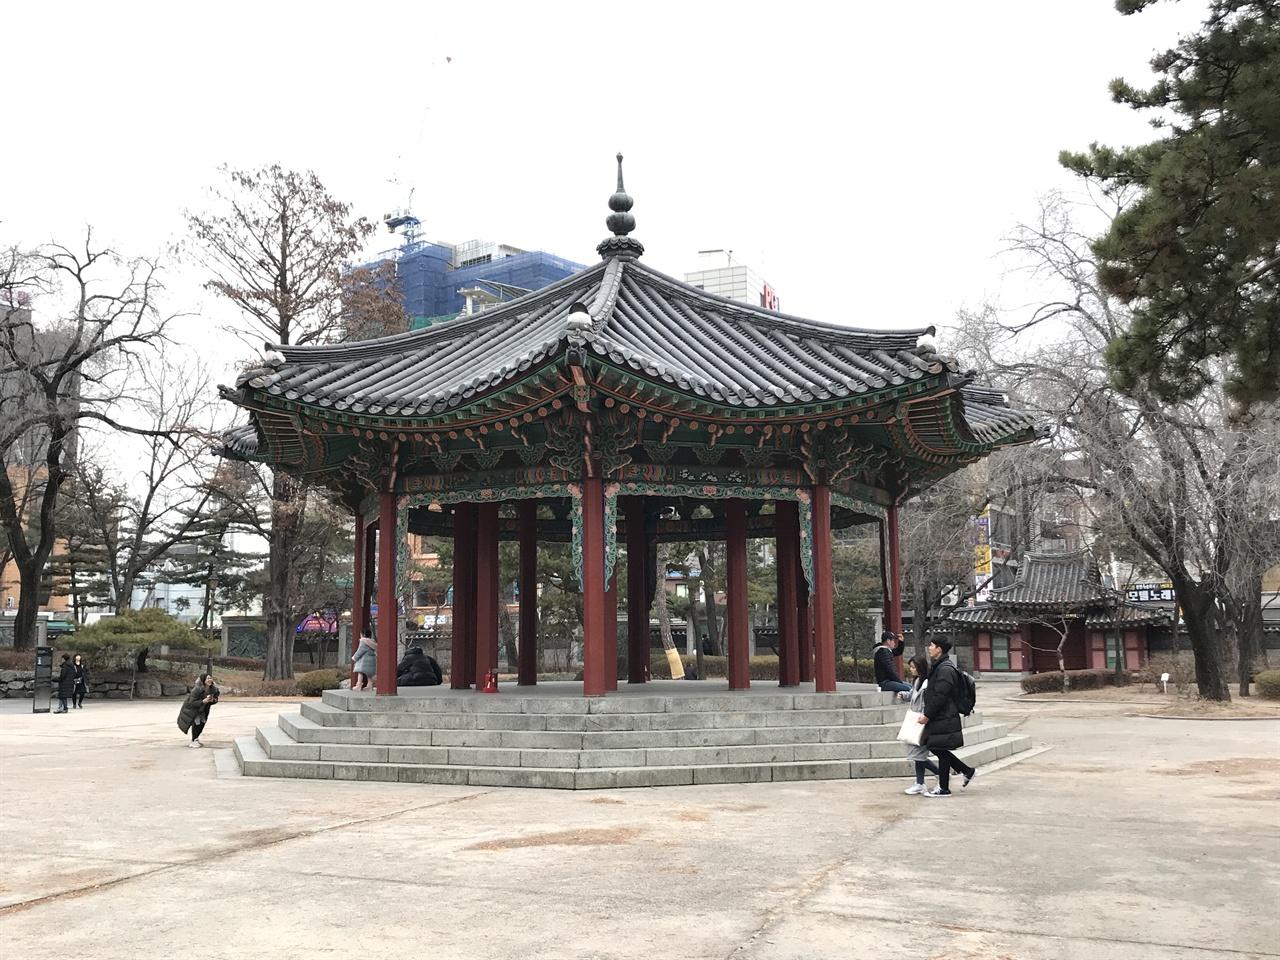 탑골공원 팔각정 평범해보이는 팔각정이지만 조선 시대에는 황제의 상징인 '팔각형'을 사용한 팔각정을 짓지 못했다. 팔각정은 제국을 선포한 대한제국 들어서 지어진다. 1902년 지은 탑골공원 팔각정은 건축가 심의석이 공사를 담당했다.